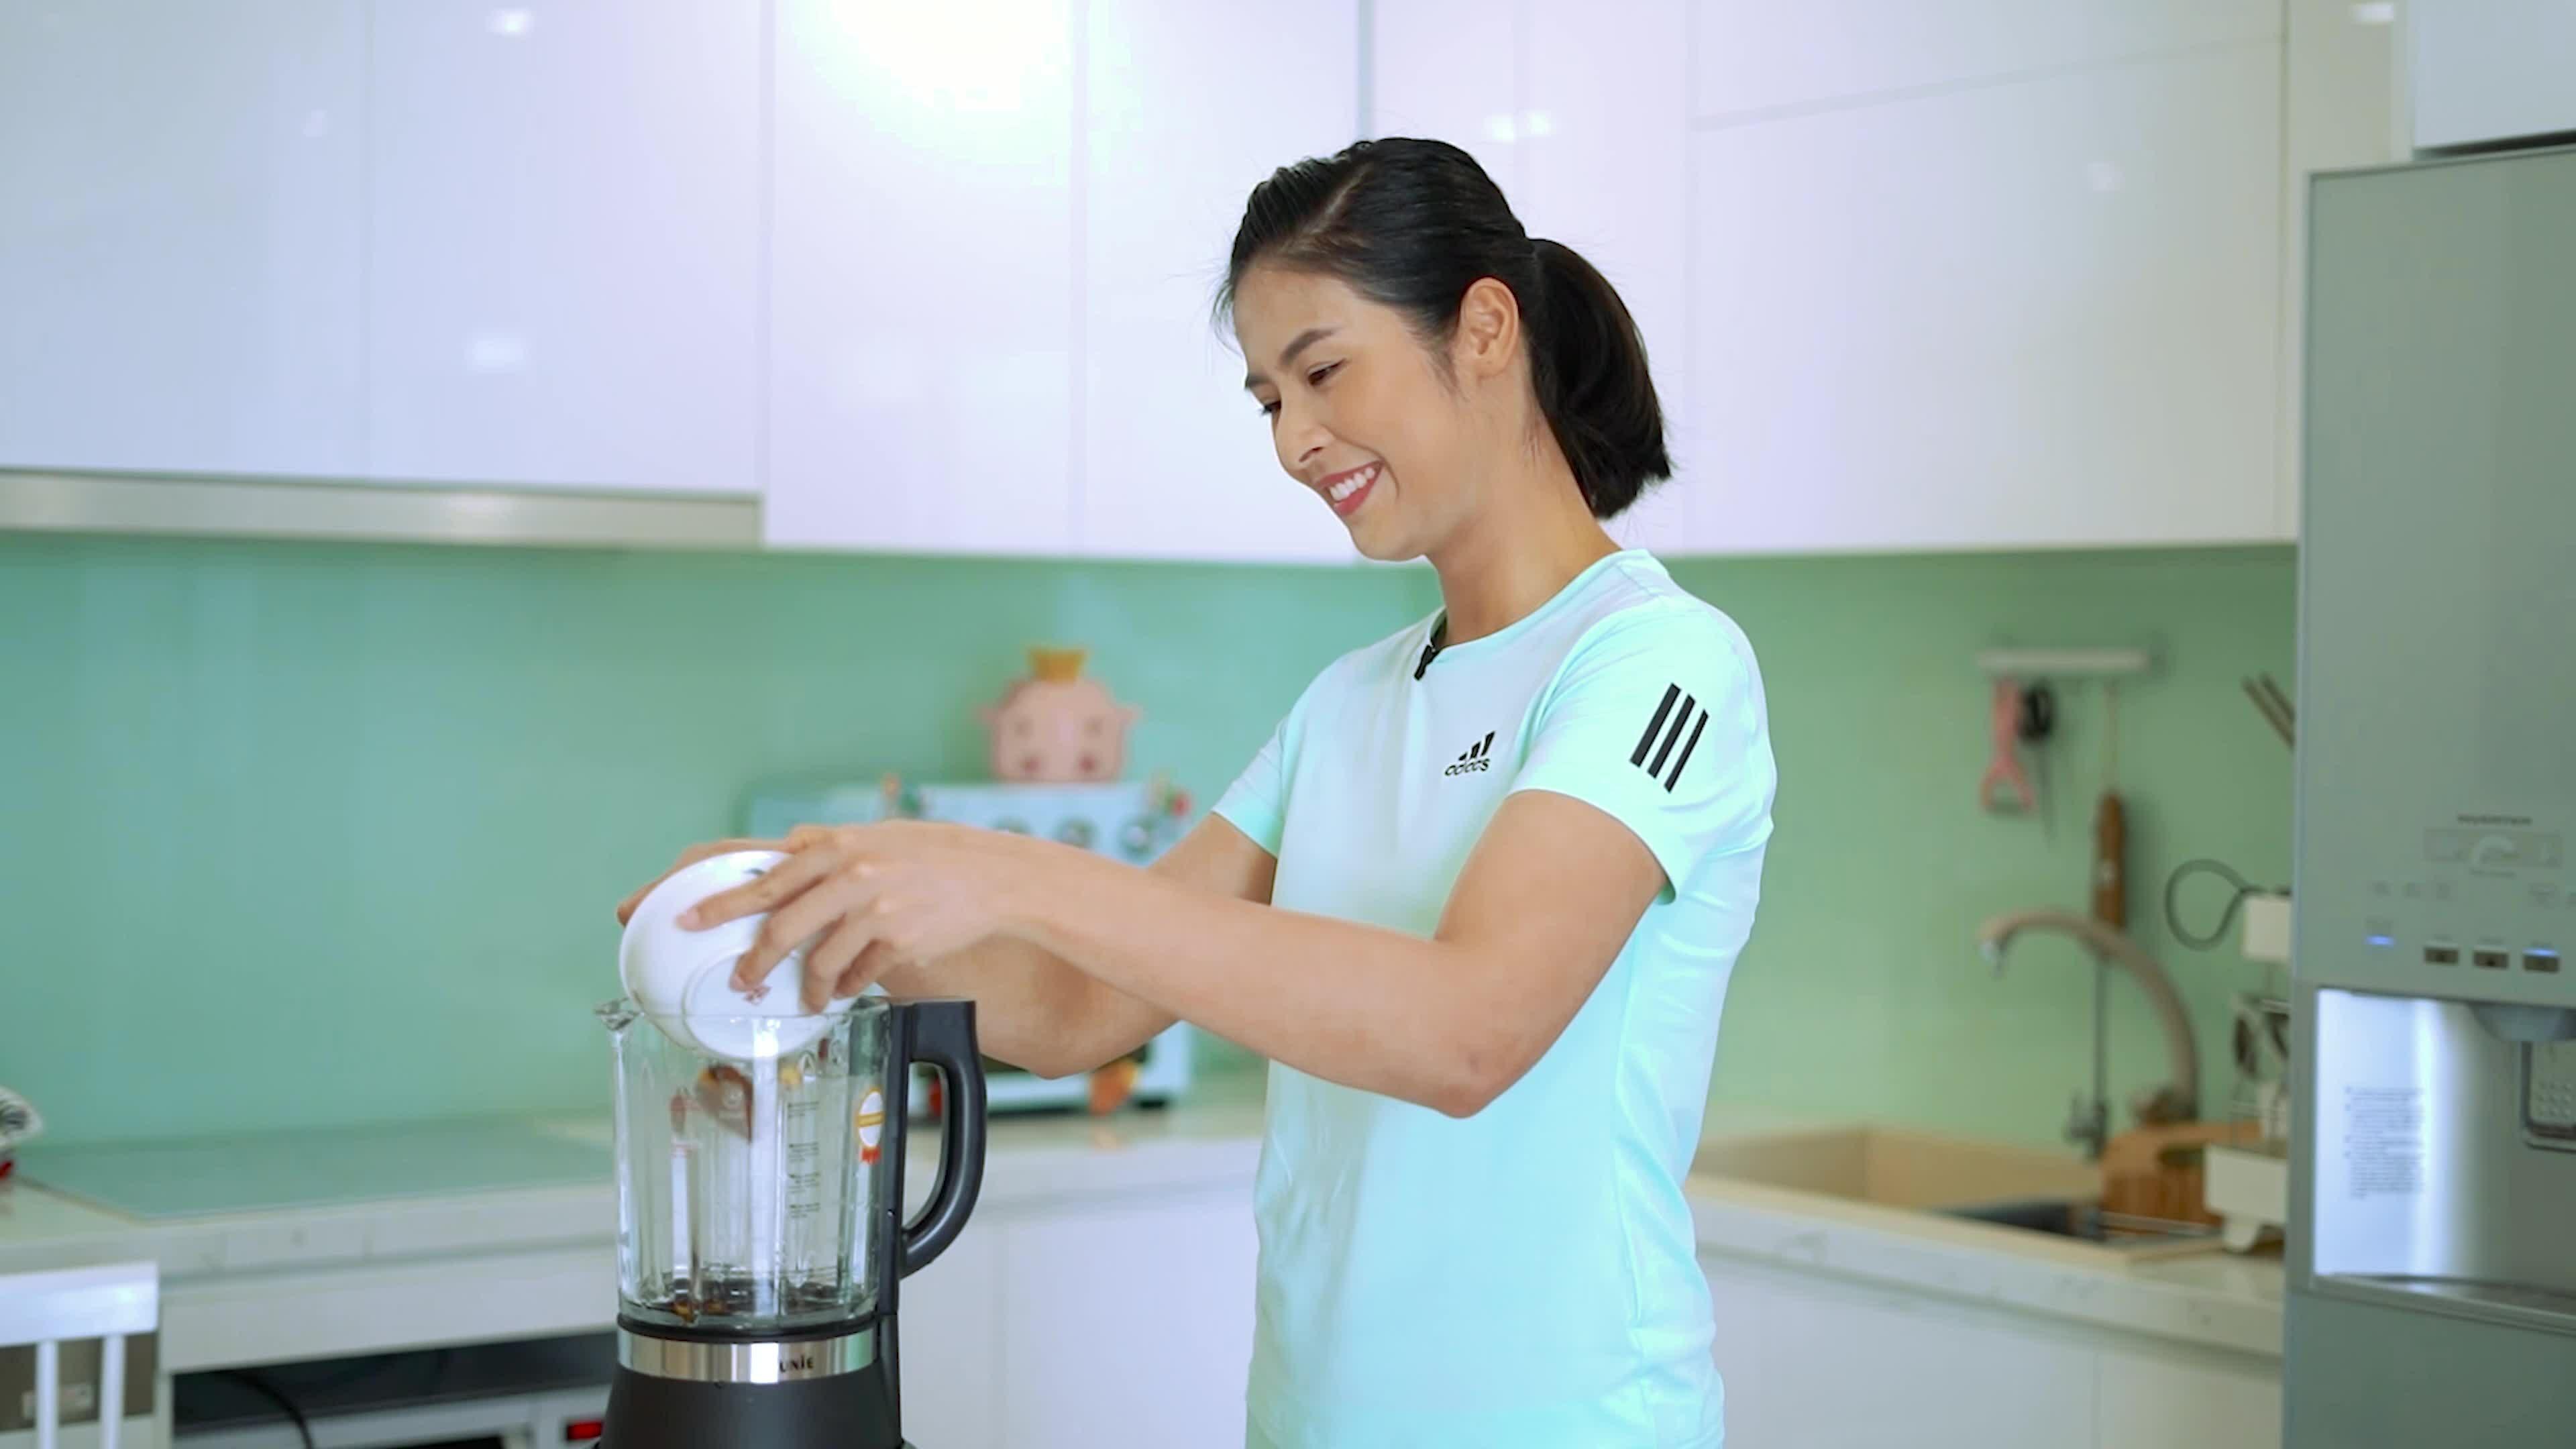 Ngọc Hân thích dậy sớm nấu sữa, chơi đàn